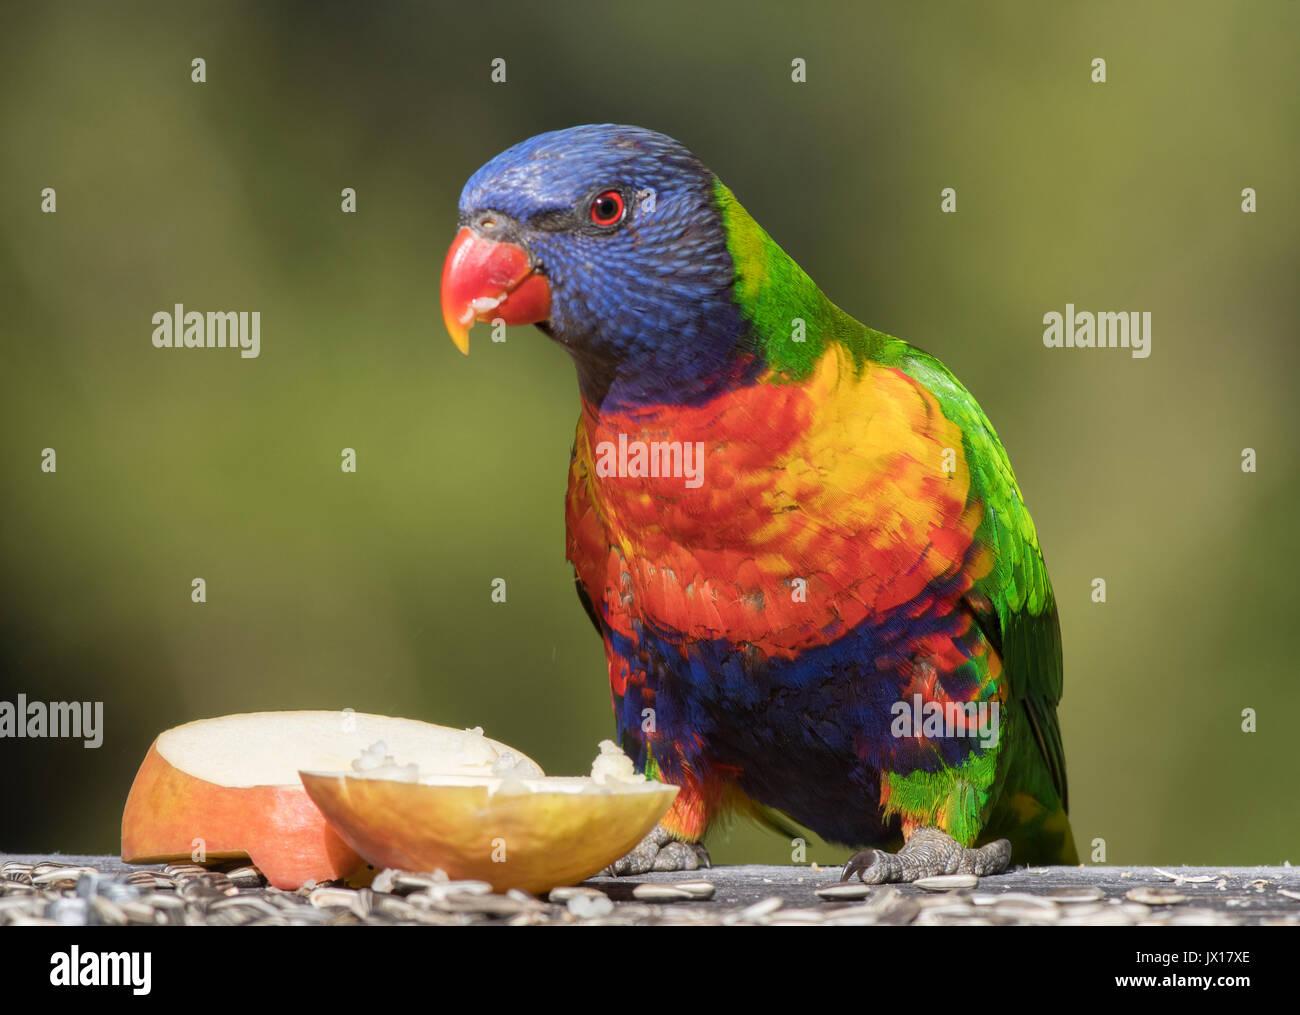 Rainbow Fledermauspapageien gefunden werden kann über Australien, diese farbenprächtigen Vögel sehr zahm und können auf verschiedene australische Produkt Etiketten gefunden werden. Stockbild